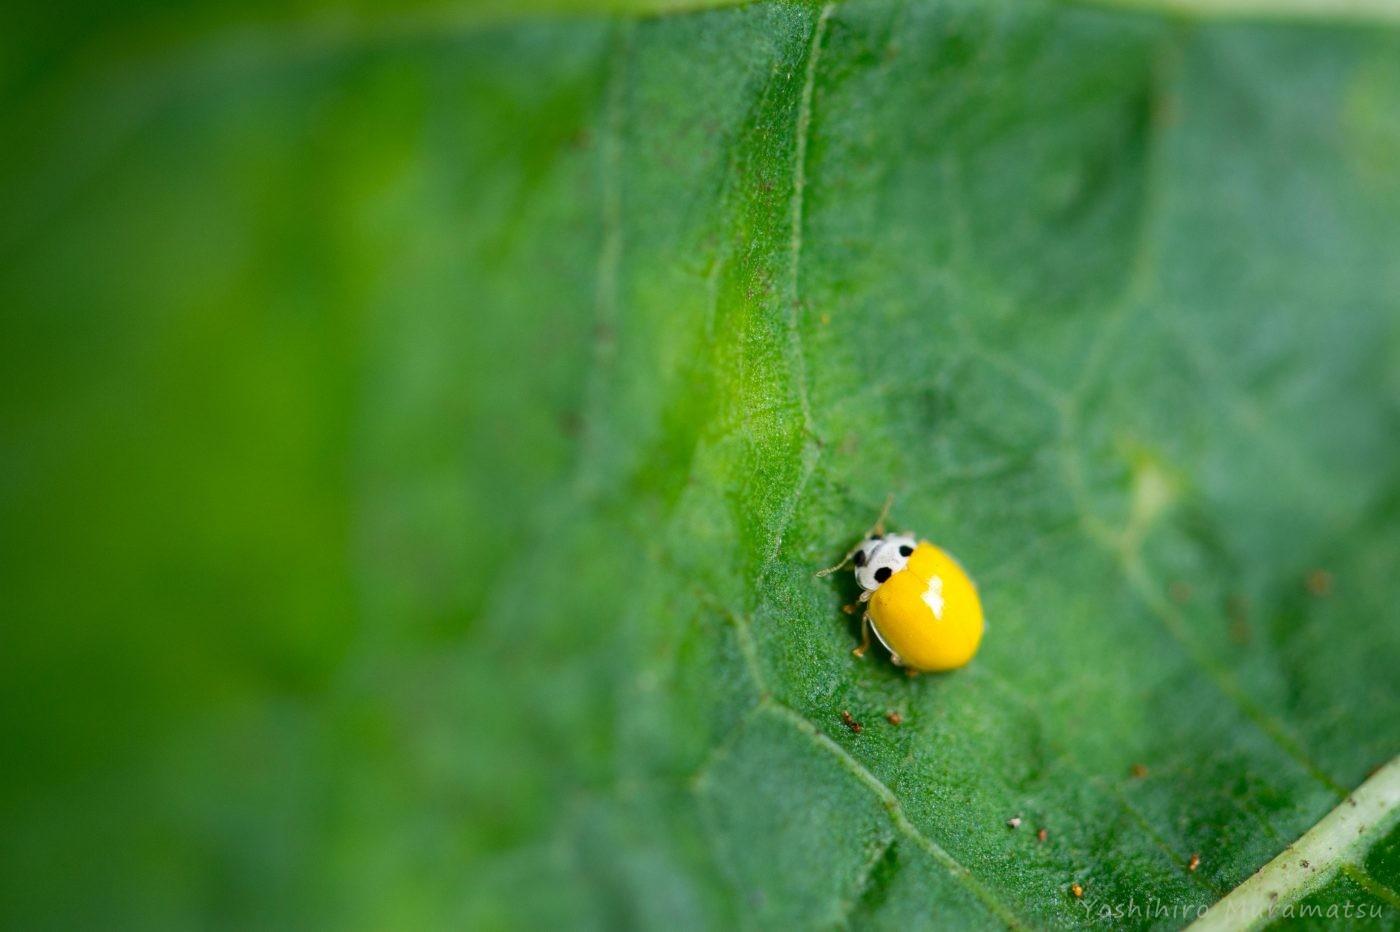 てんとう 虫 の お告げ てんとう虫のスピリチュアル意味!幸運のシンボル?恋愛・種類・色な...